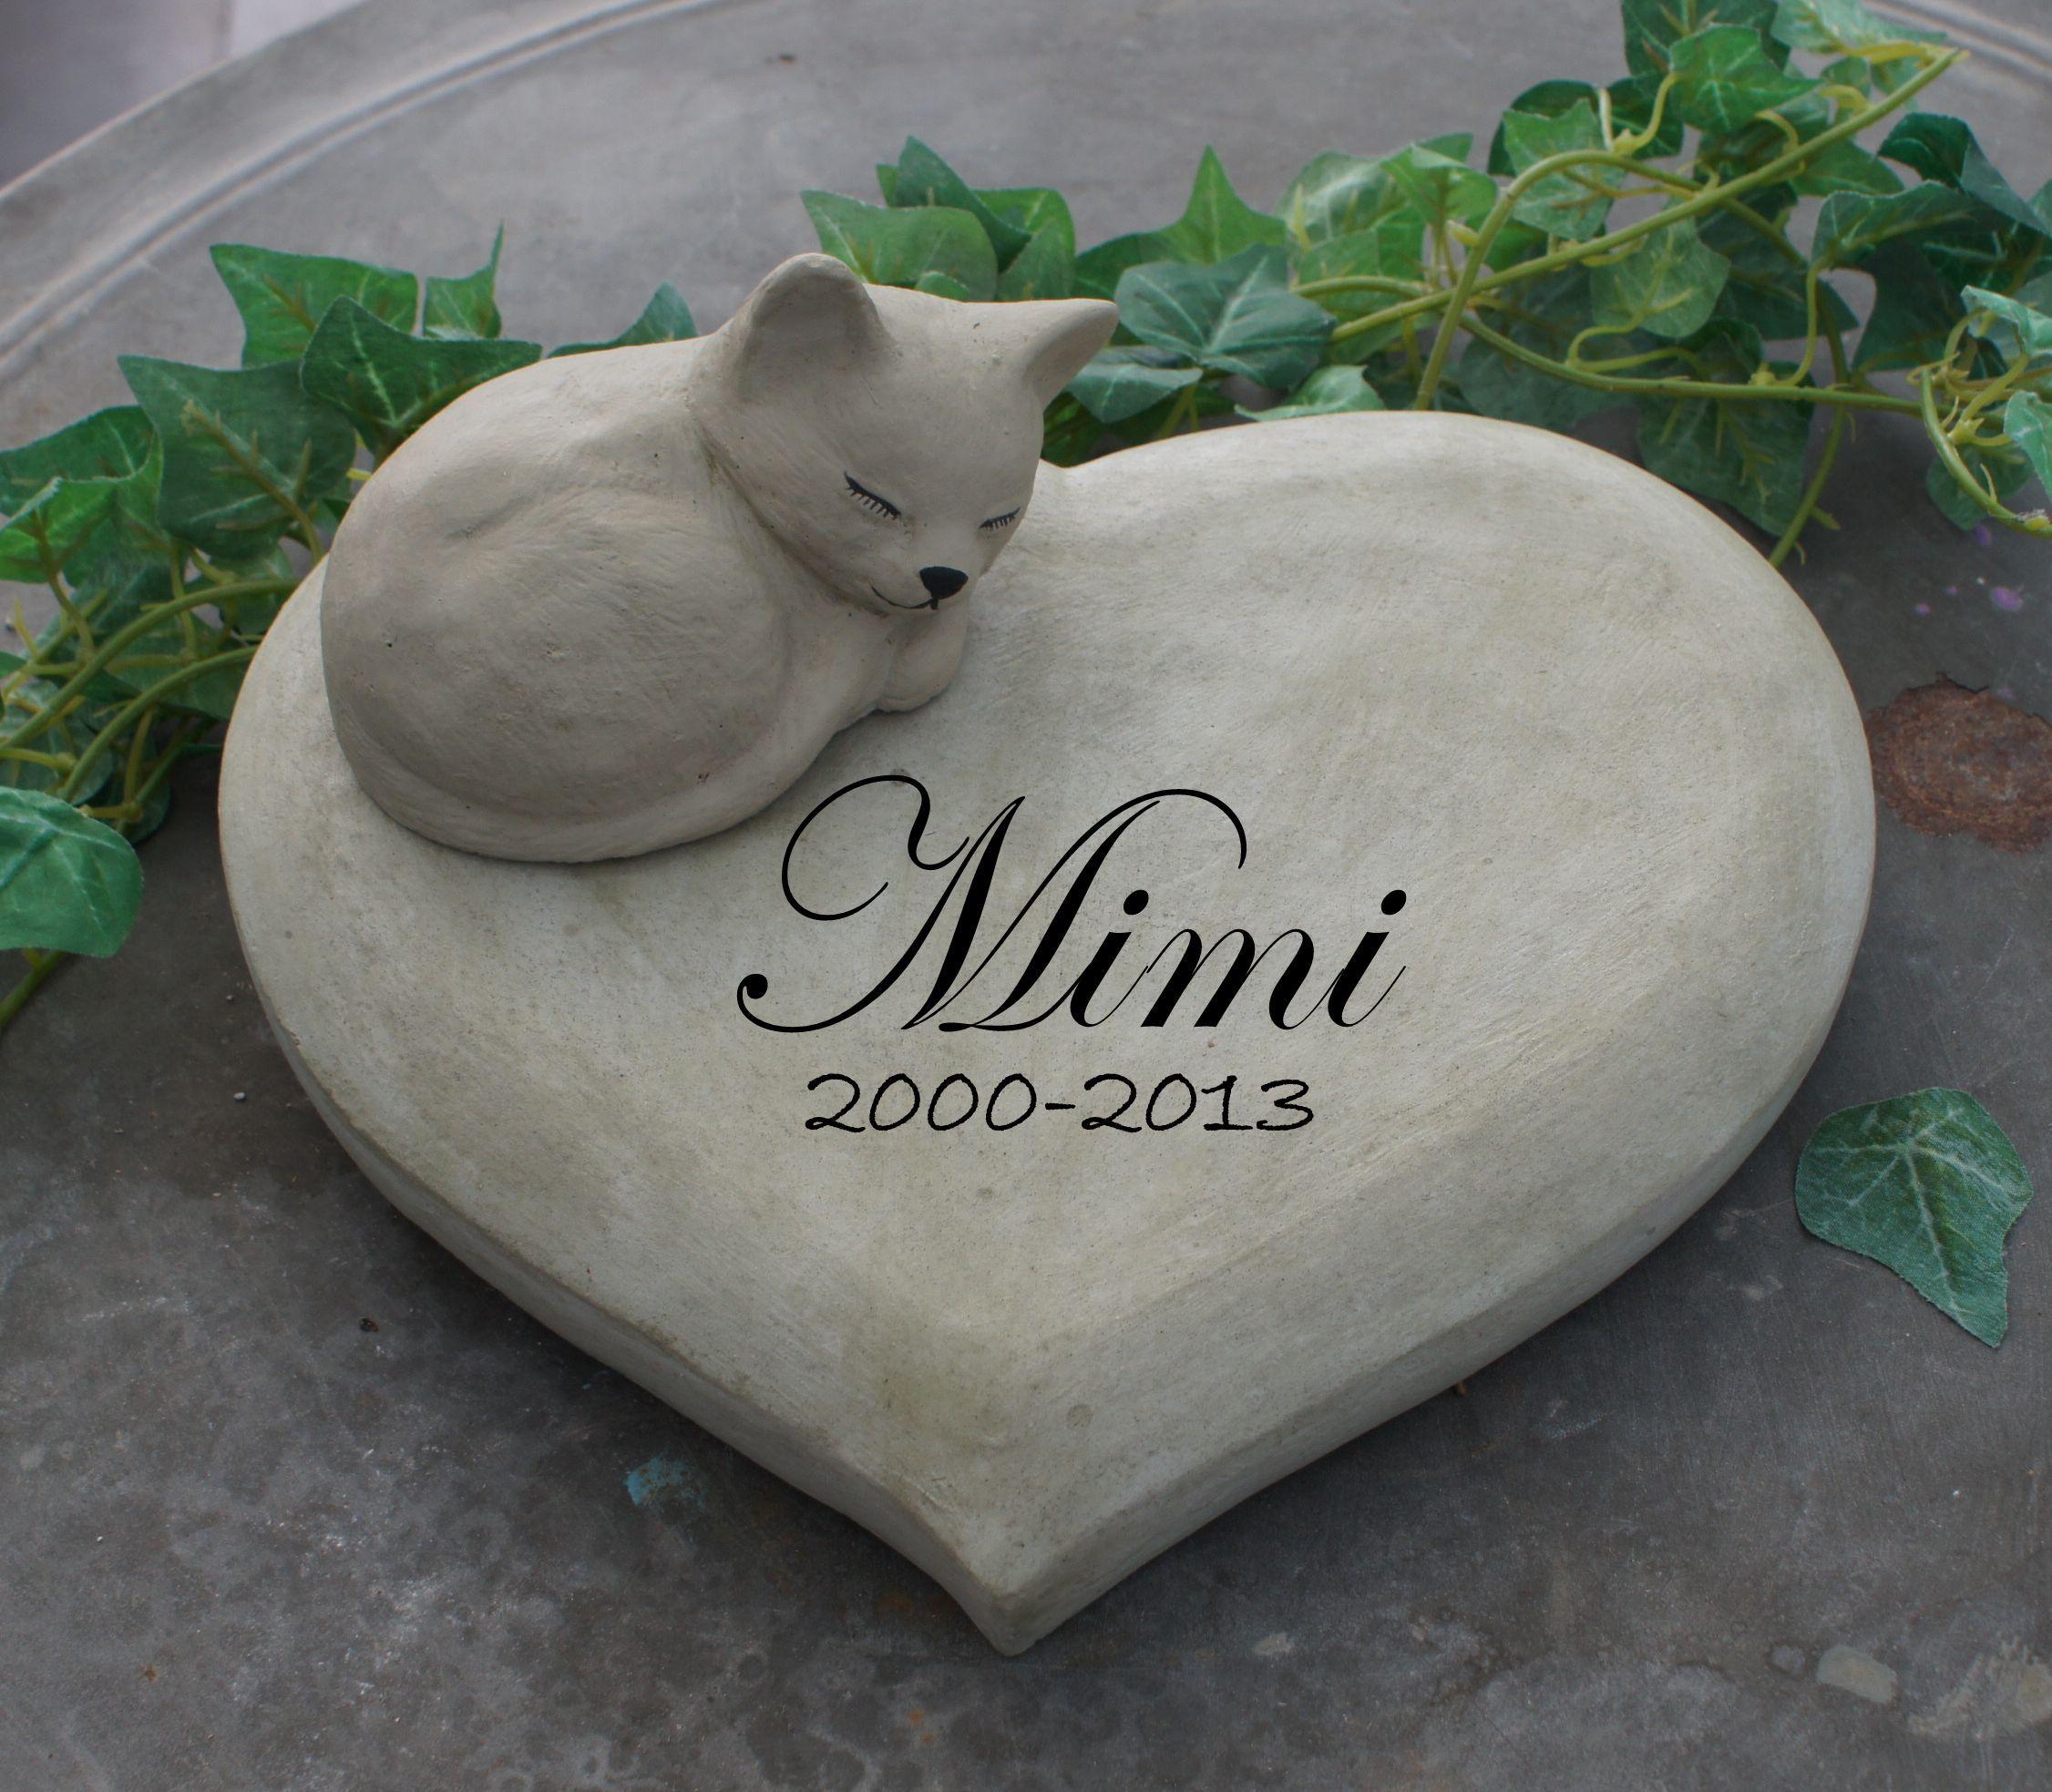 gedenkstein für eine katze. weitere gedenksteine für geliebte